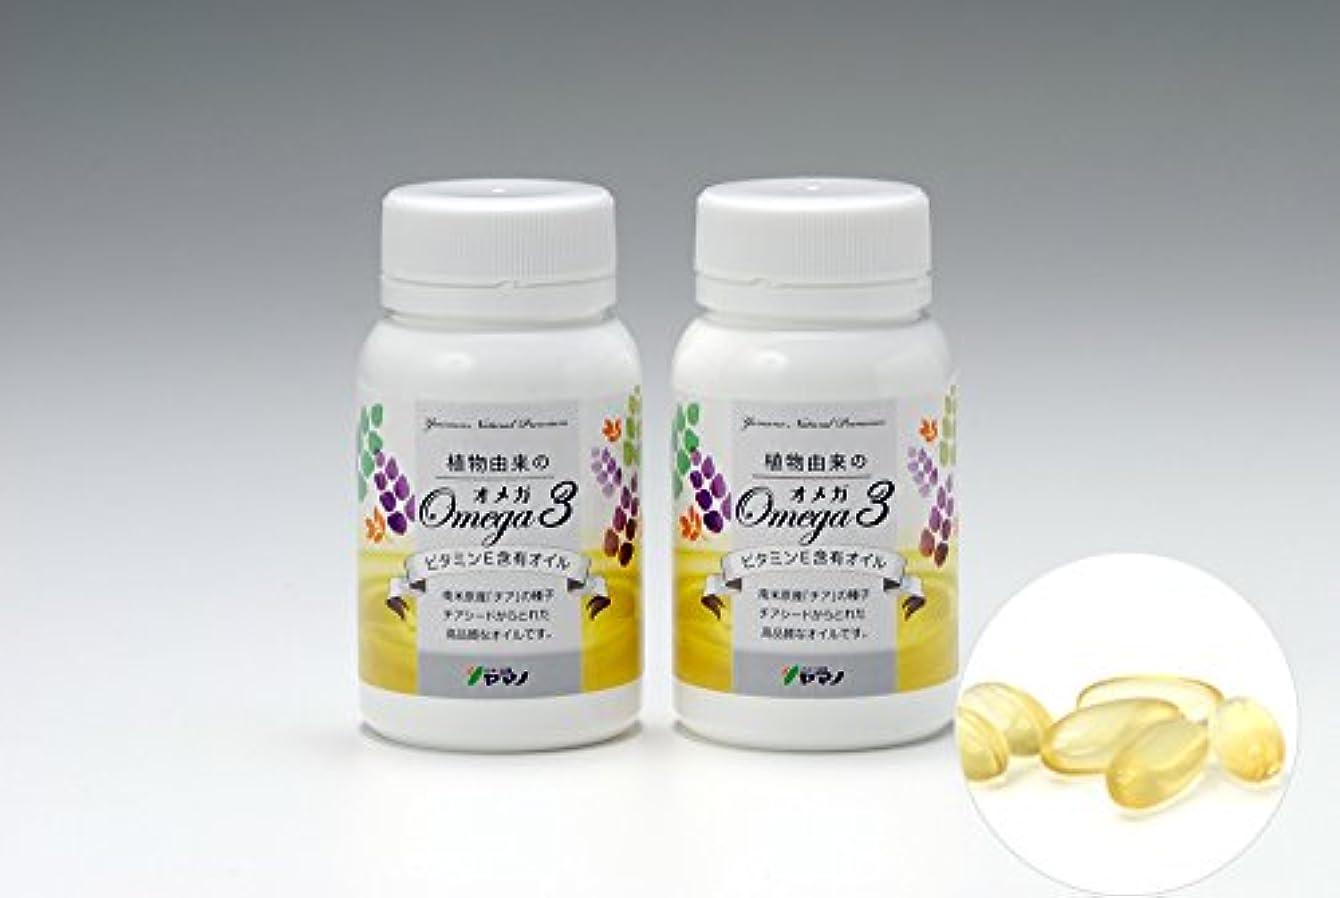 出撃者ガチョウ以内にふれあい生活館ヤマノ 植物由来のオメガ3 ダブルセット(チアシードオイル)